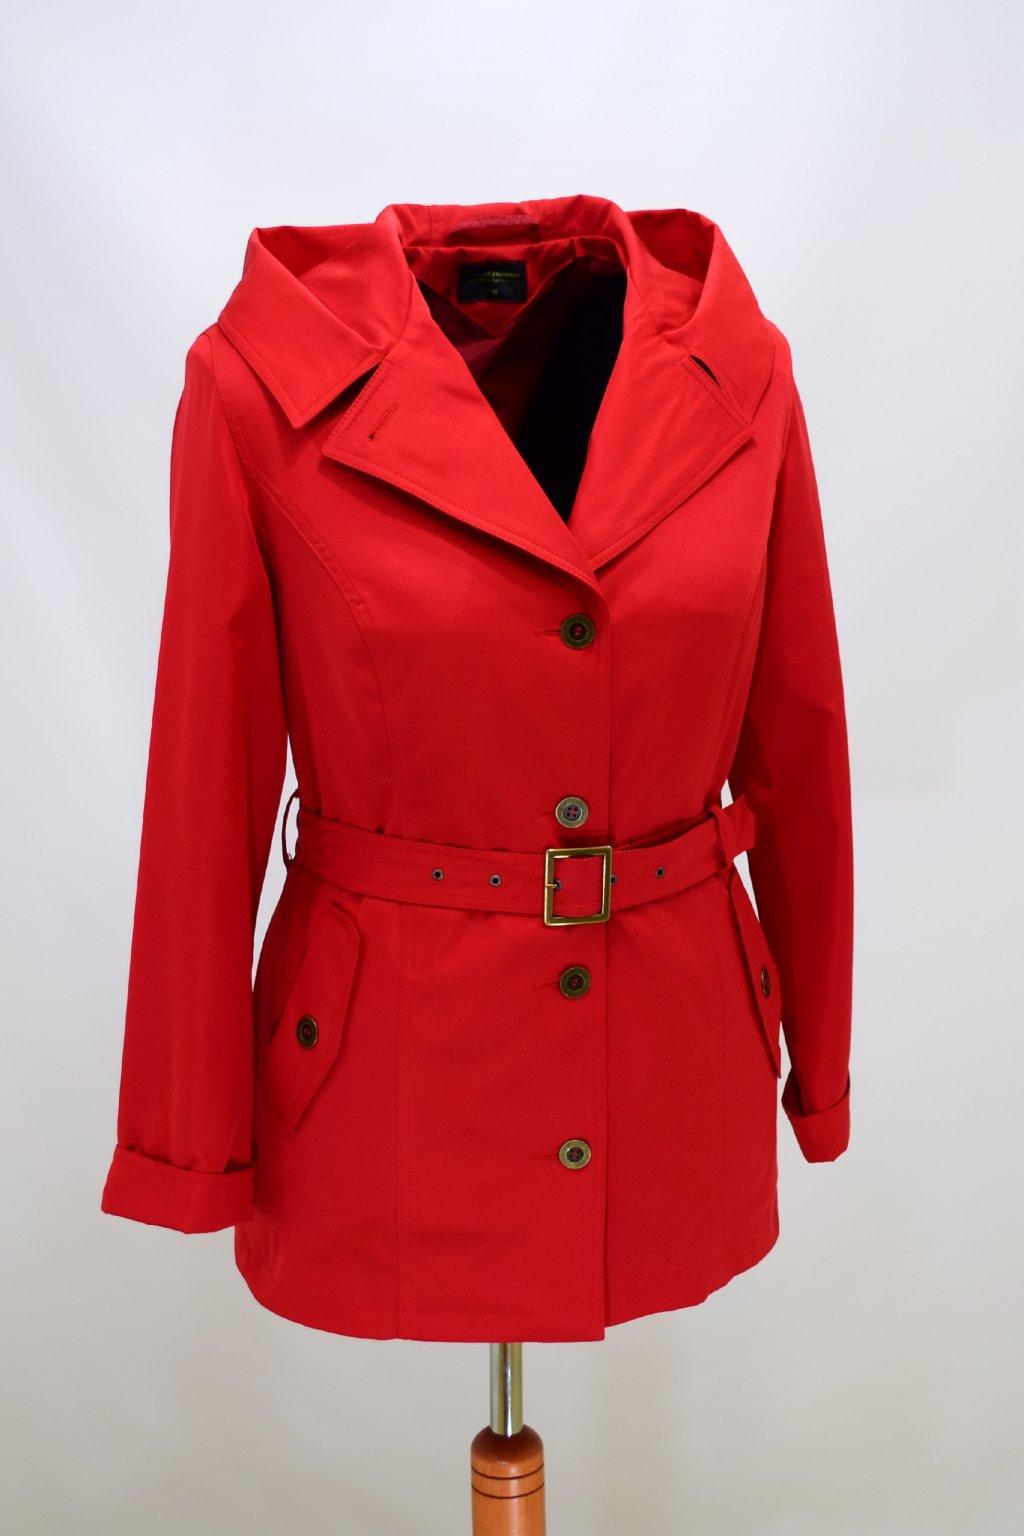 Dámský jarní červený kabátek Eva nadměrné velikosti.